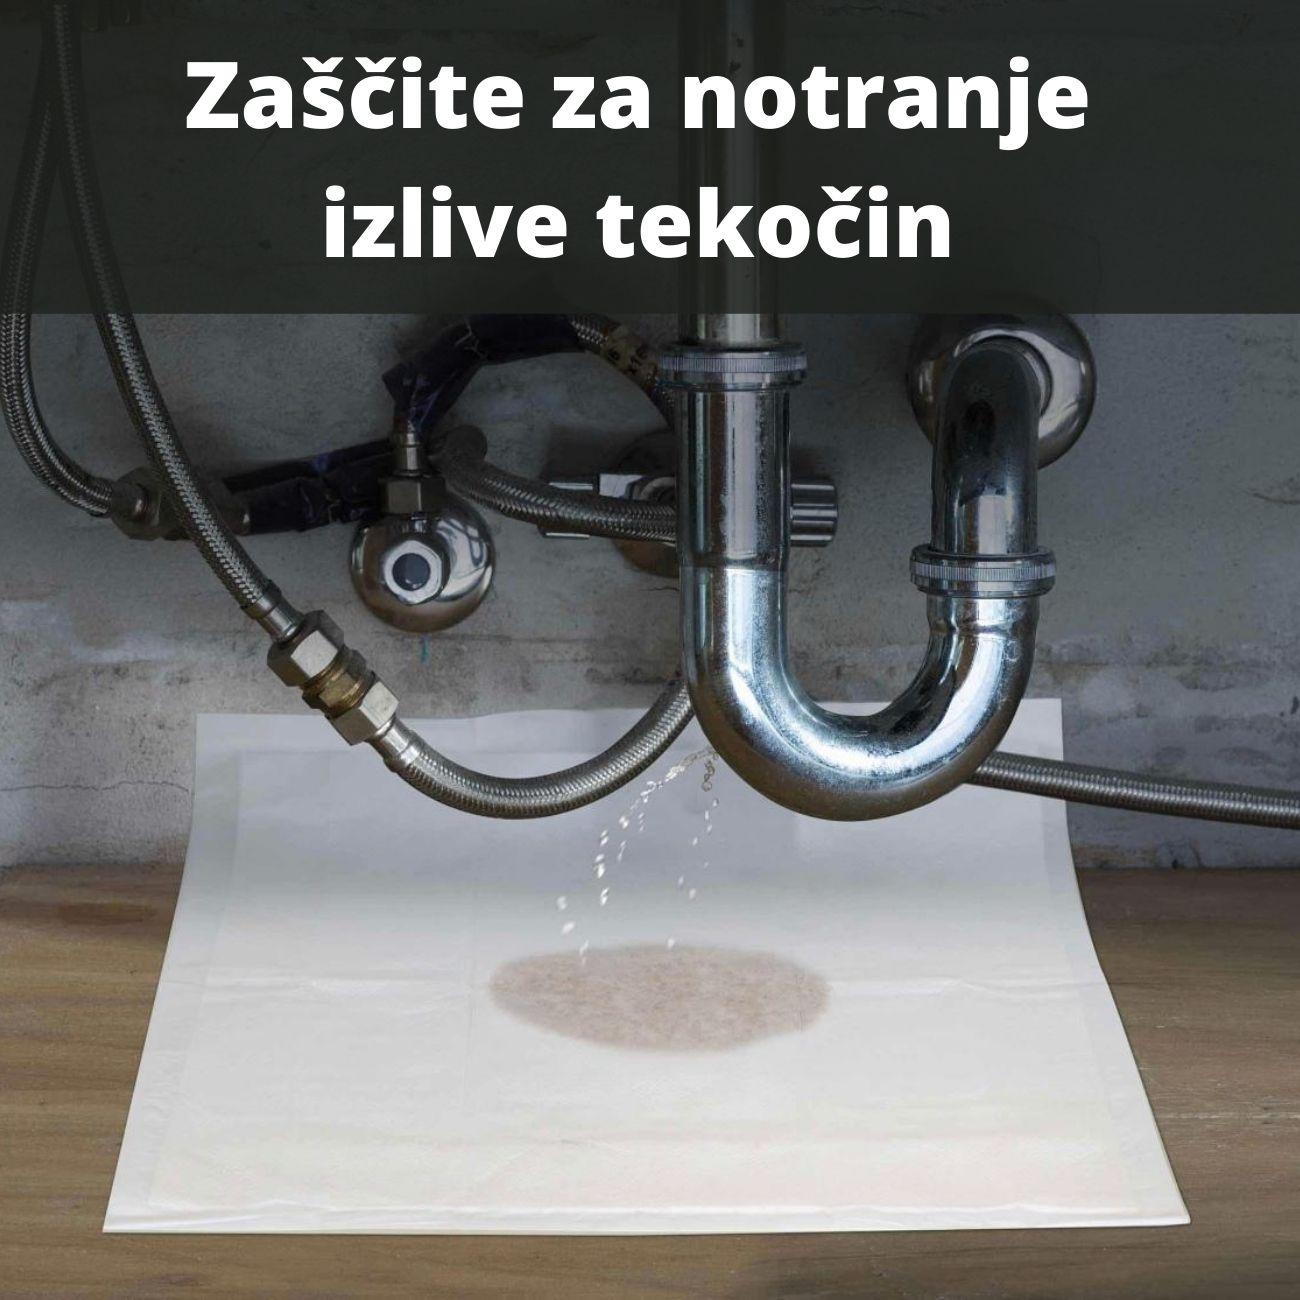 Zaščite za notranje izlive tekočin - Vistler zaščite